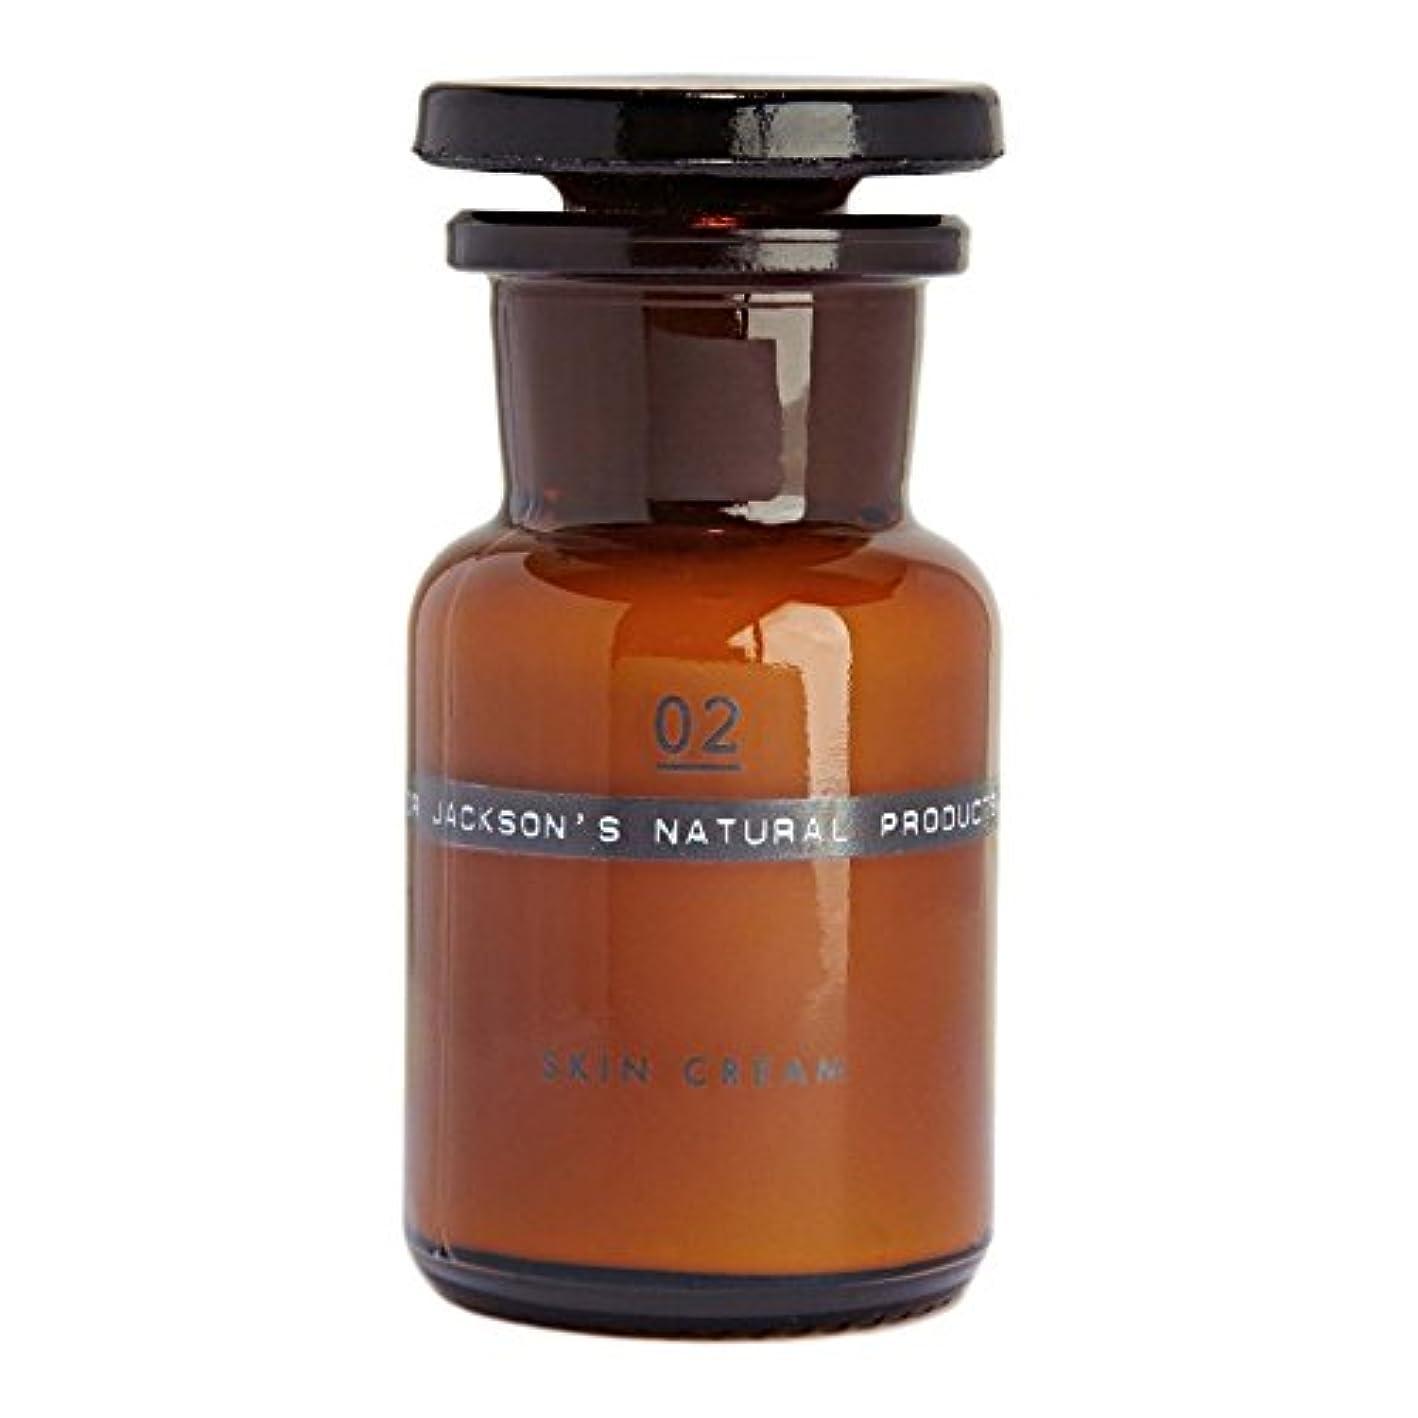 開梱かろうじて感じジャクソンの02スキンクリーム50ミリリットル x2 - Dr Jackson's 02 Skin Cream 50ml (Pack of 2) [並行輸入品]